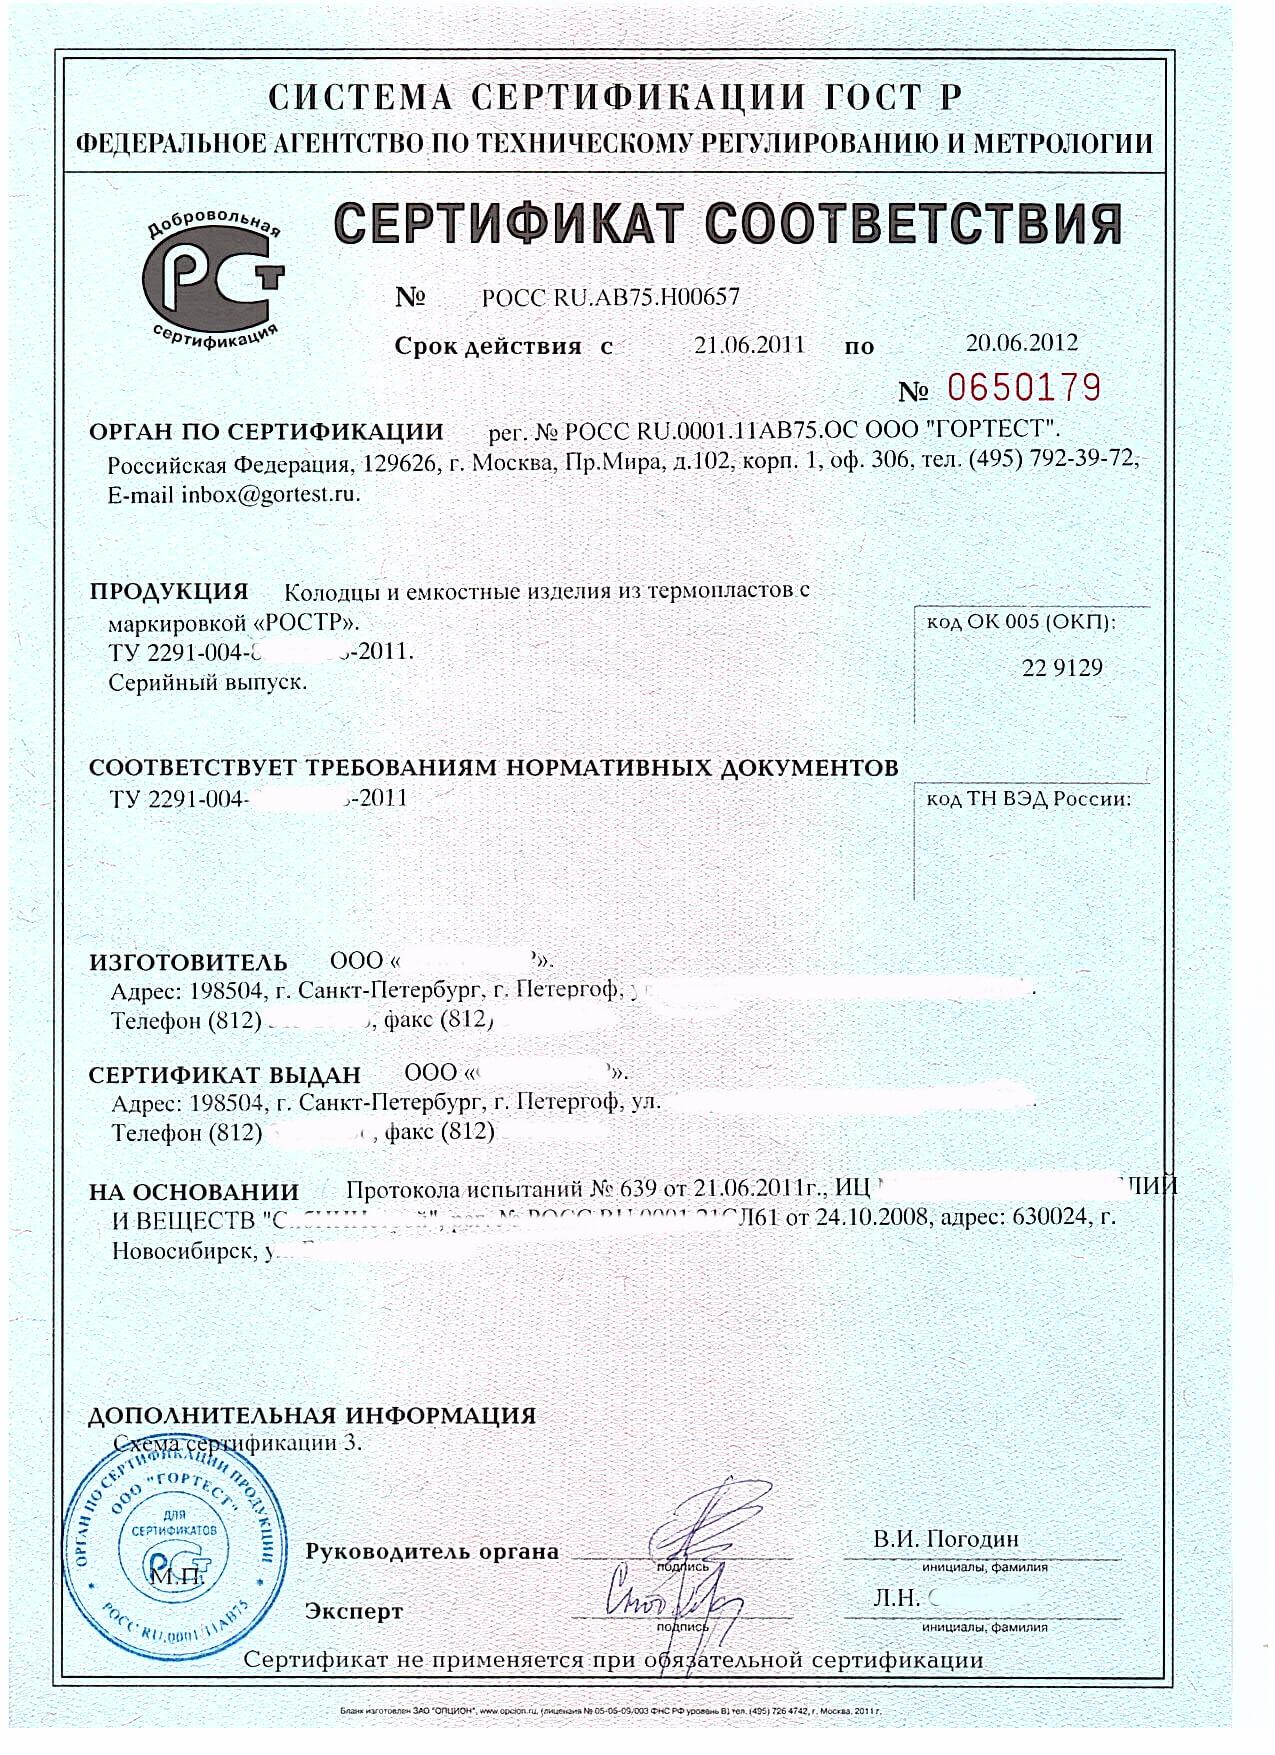 Сертификация одежды пример получение родового сертификата условиях